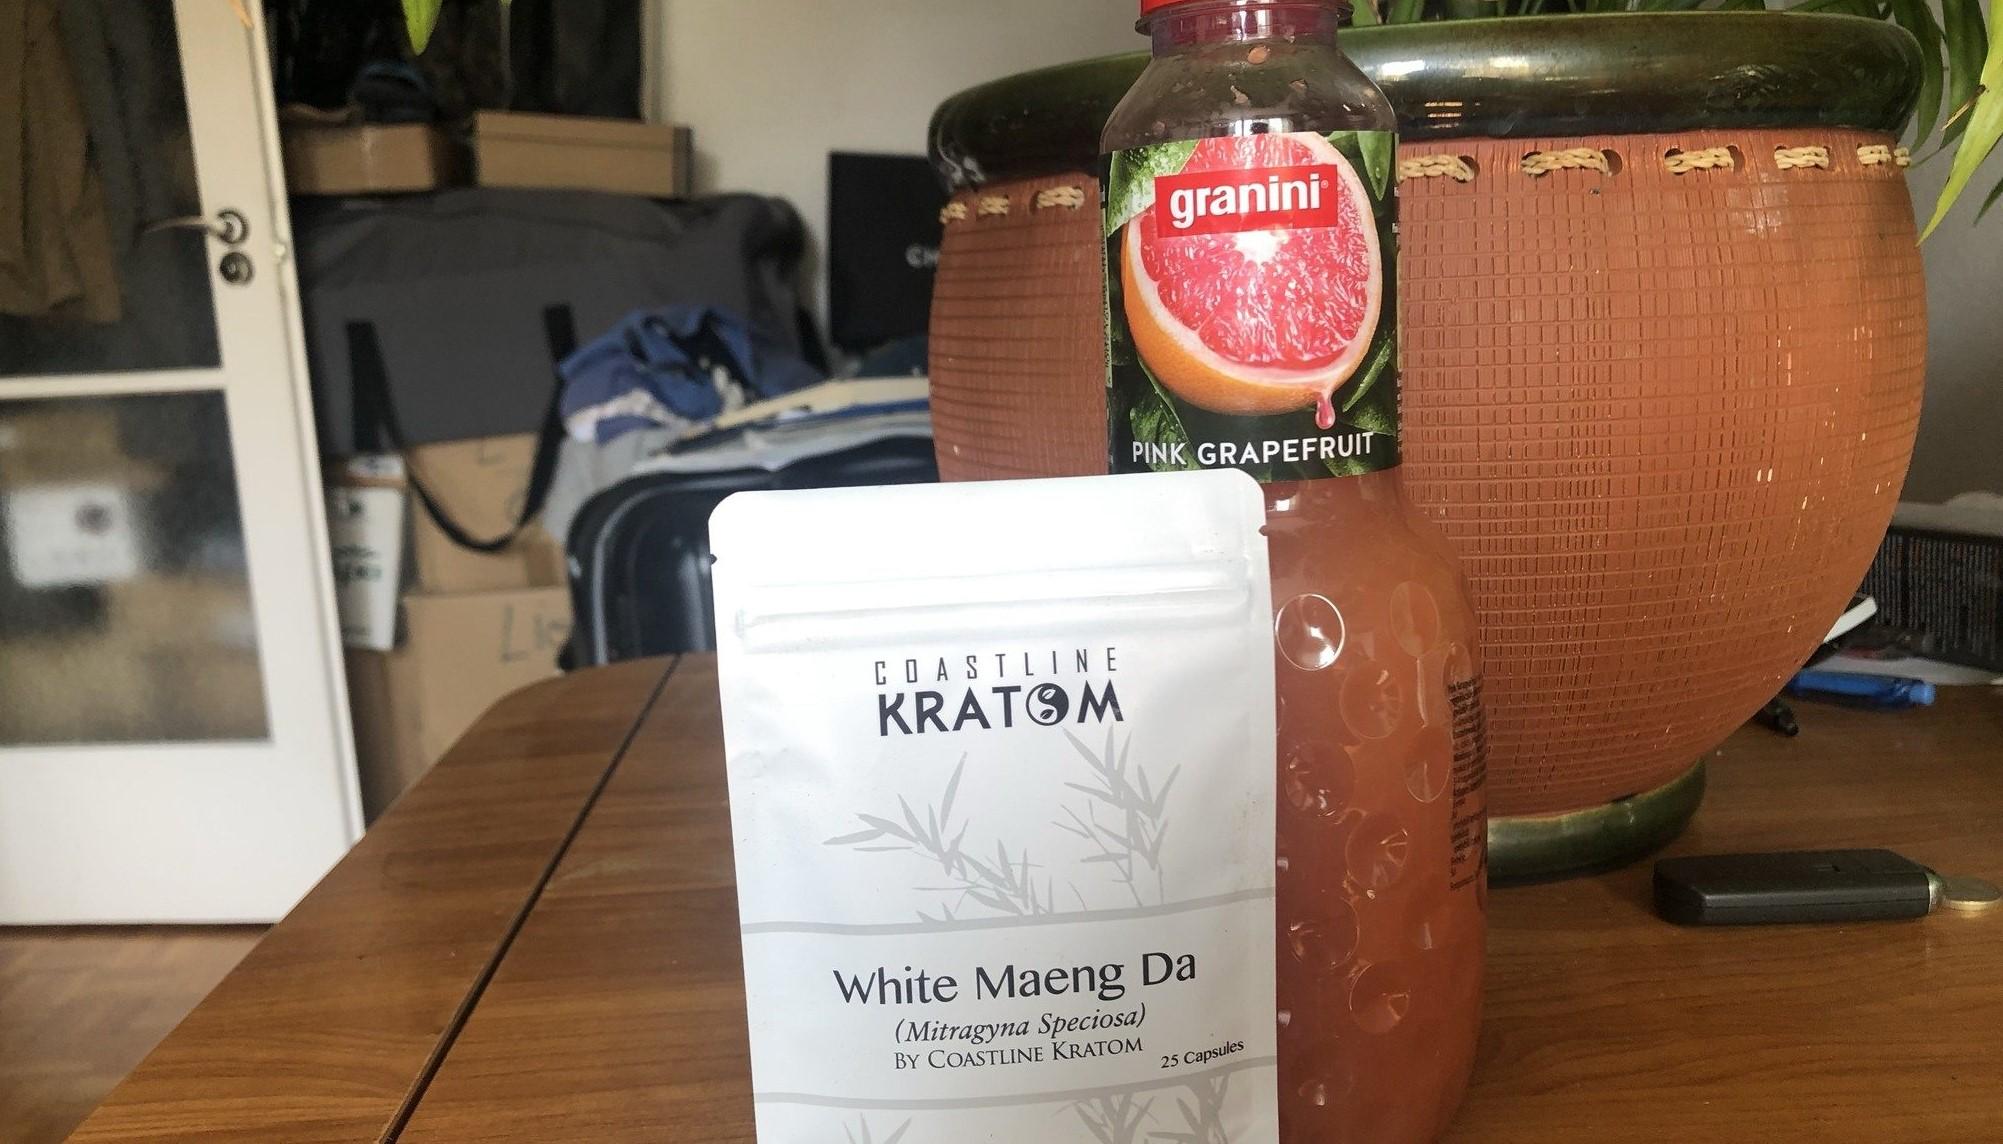 How To Make Kratom Stronger: Using Kratom Potentiators